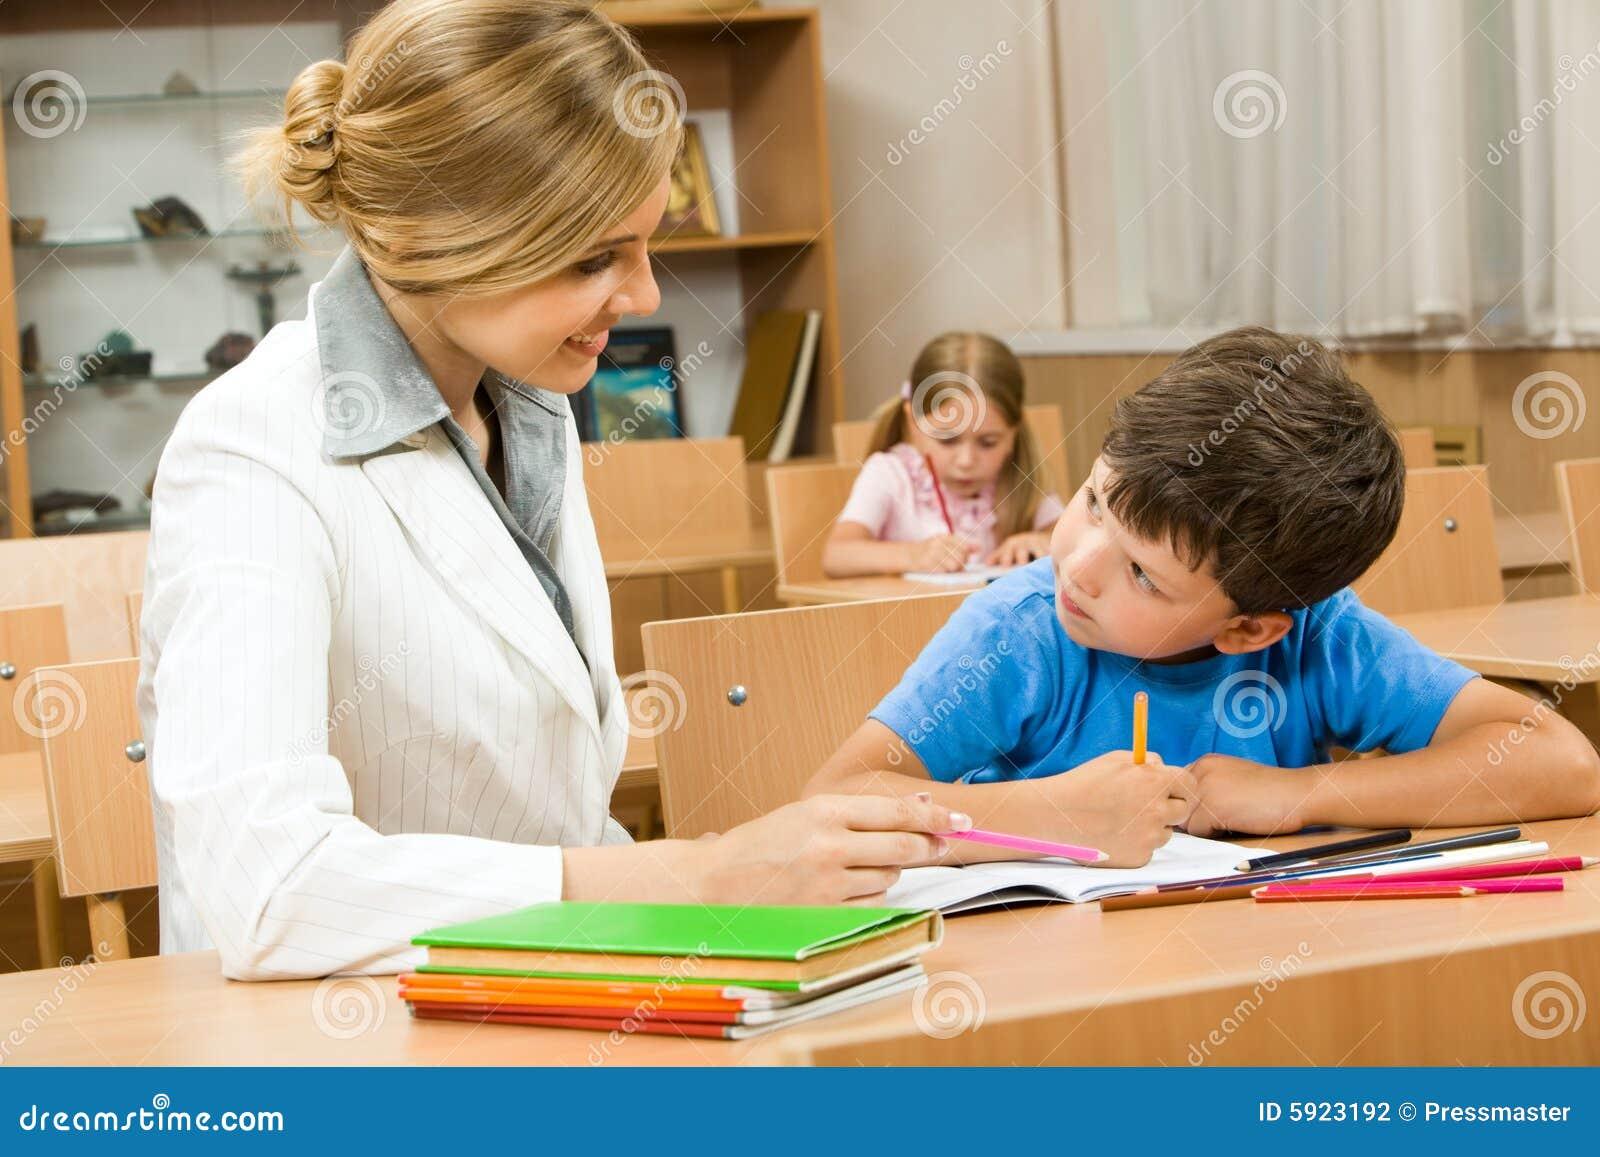 Старый хитрый учитель поимел студенточку ради оценки